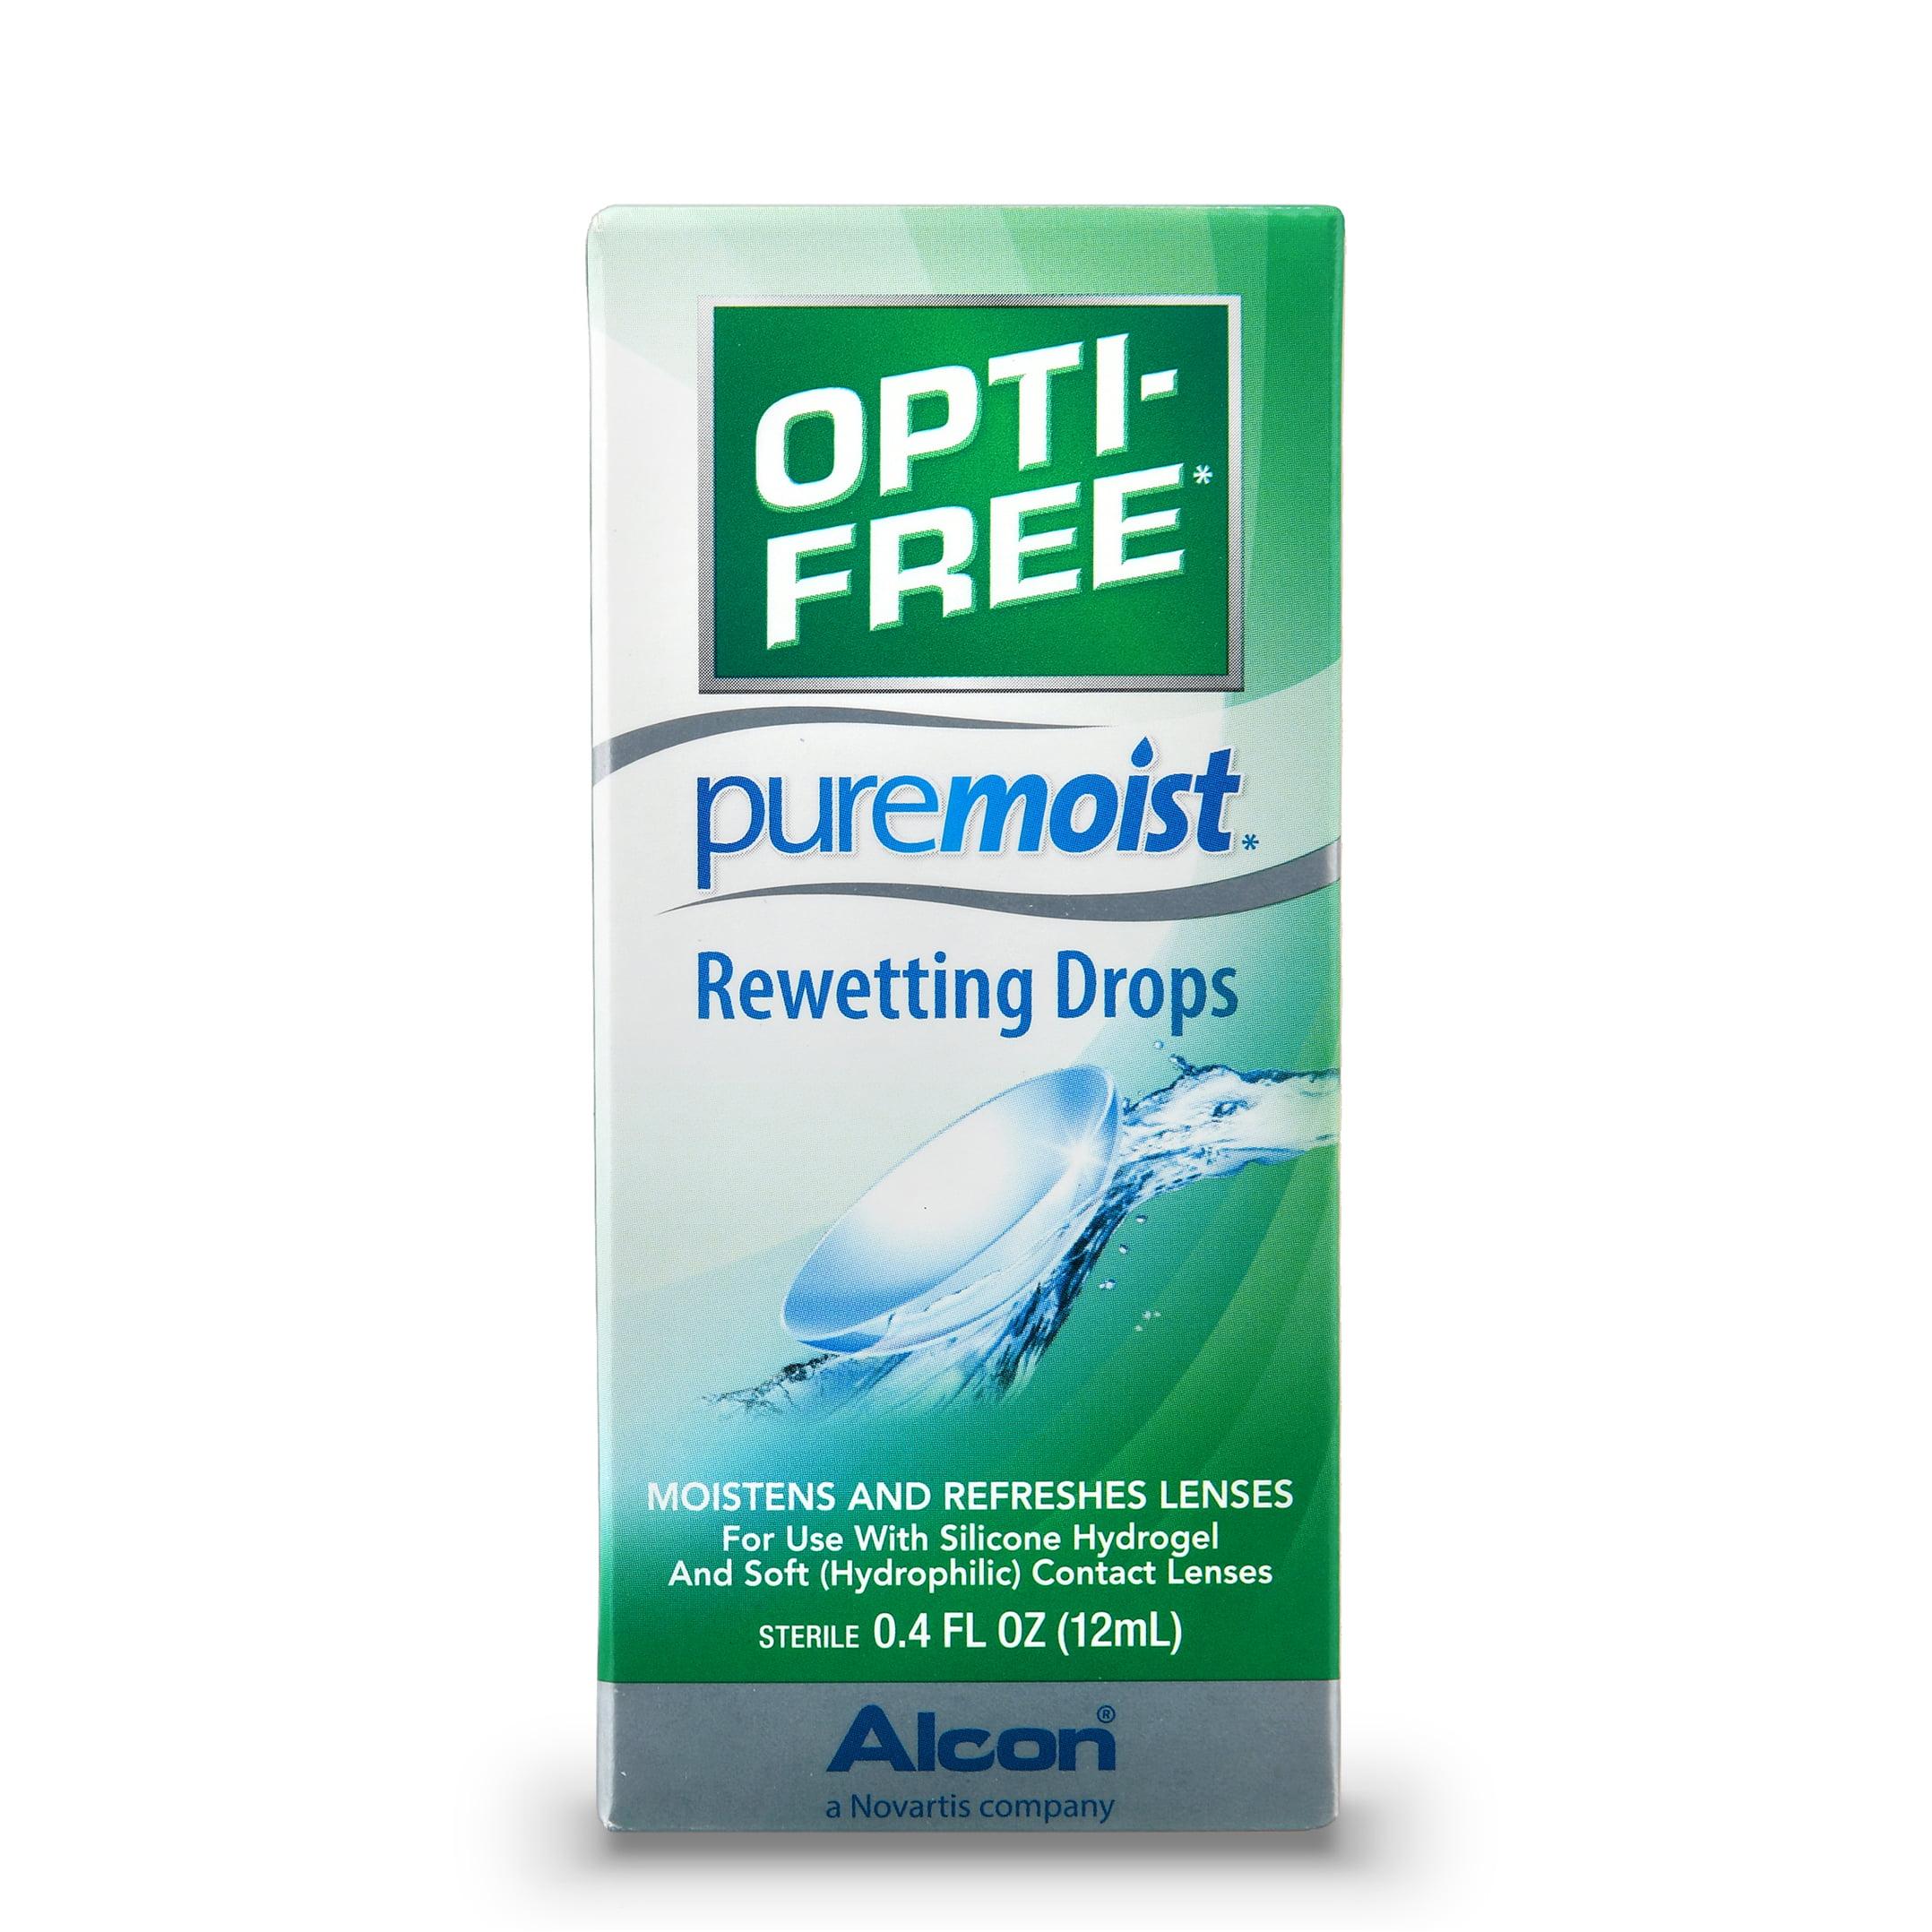 alcon opti free pure moist rewetting drops 0.4 oz